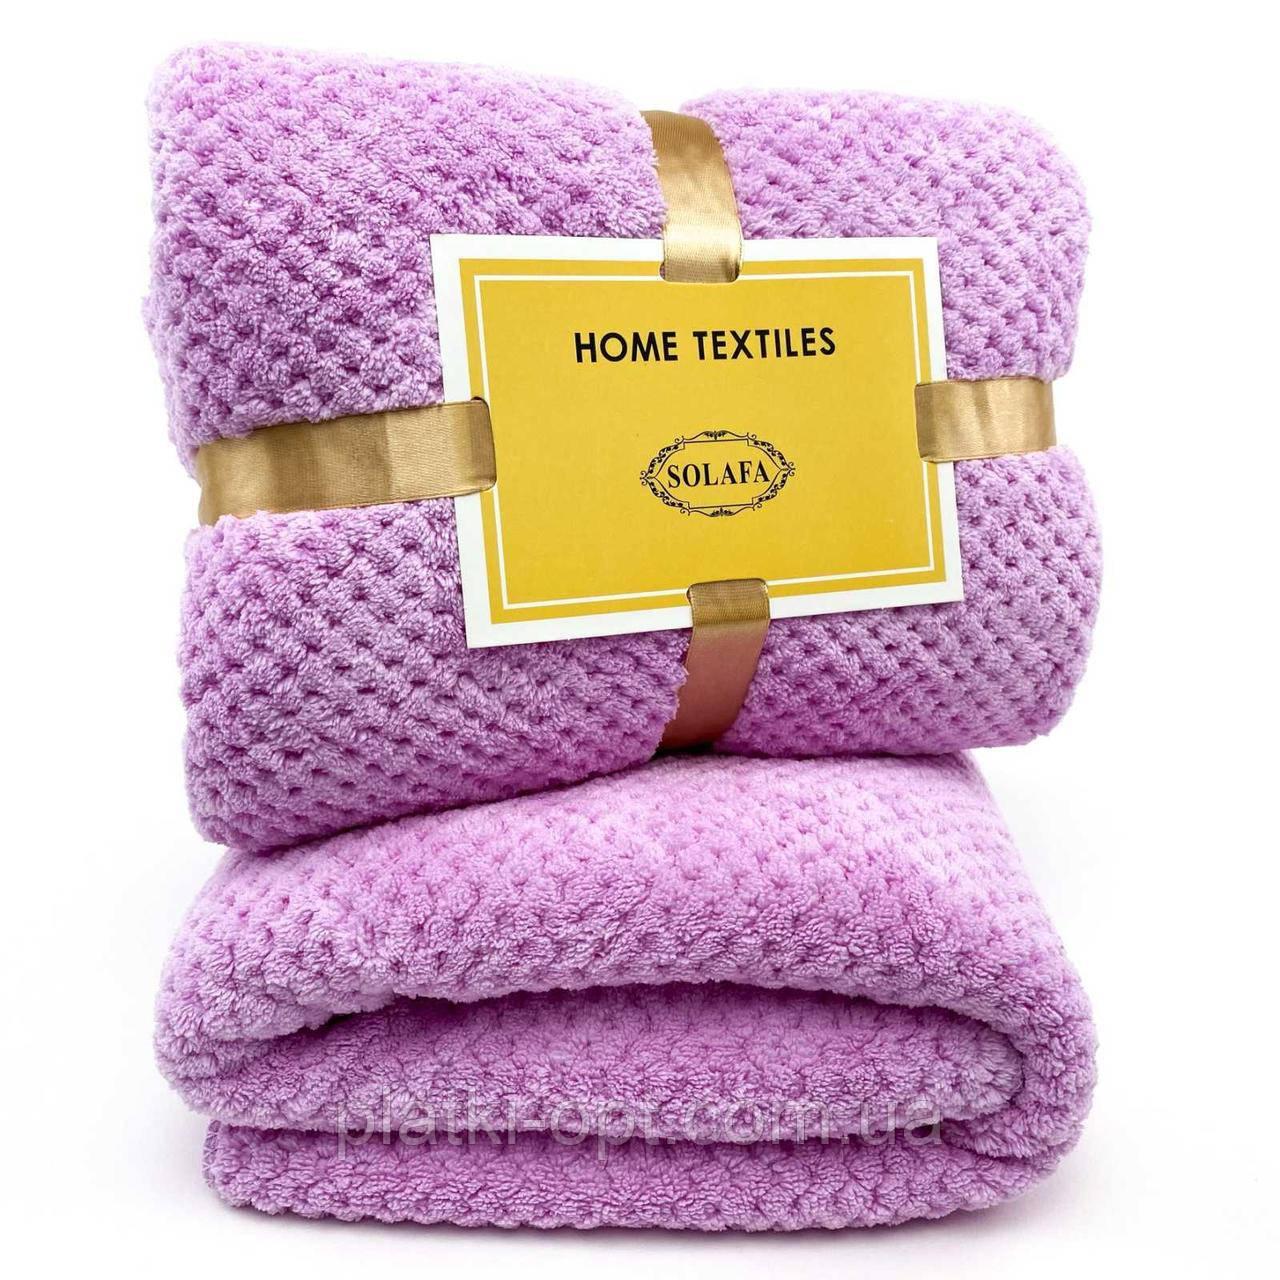 Комплект полотенец Home Textiles (бамбук) фиолетовый